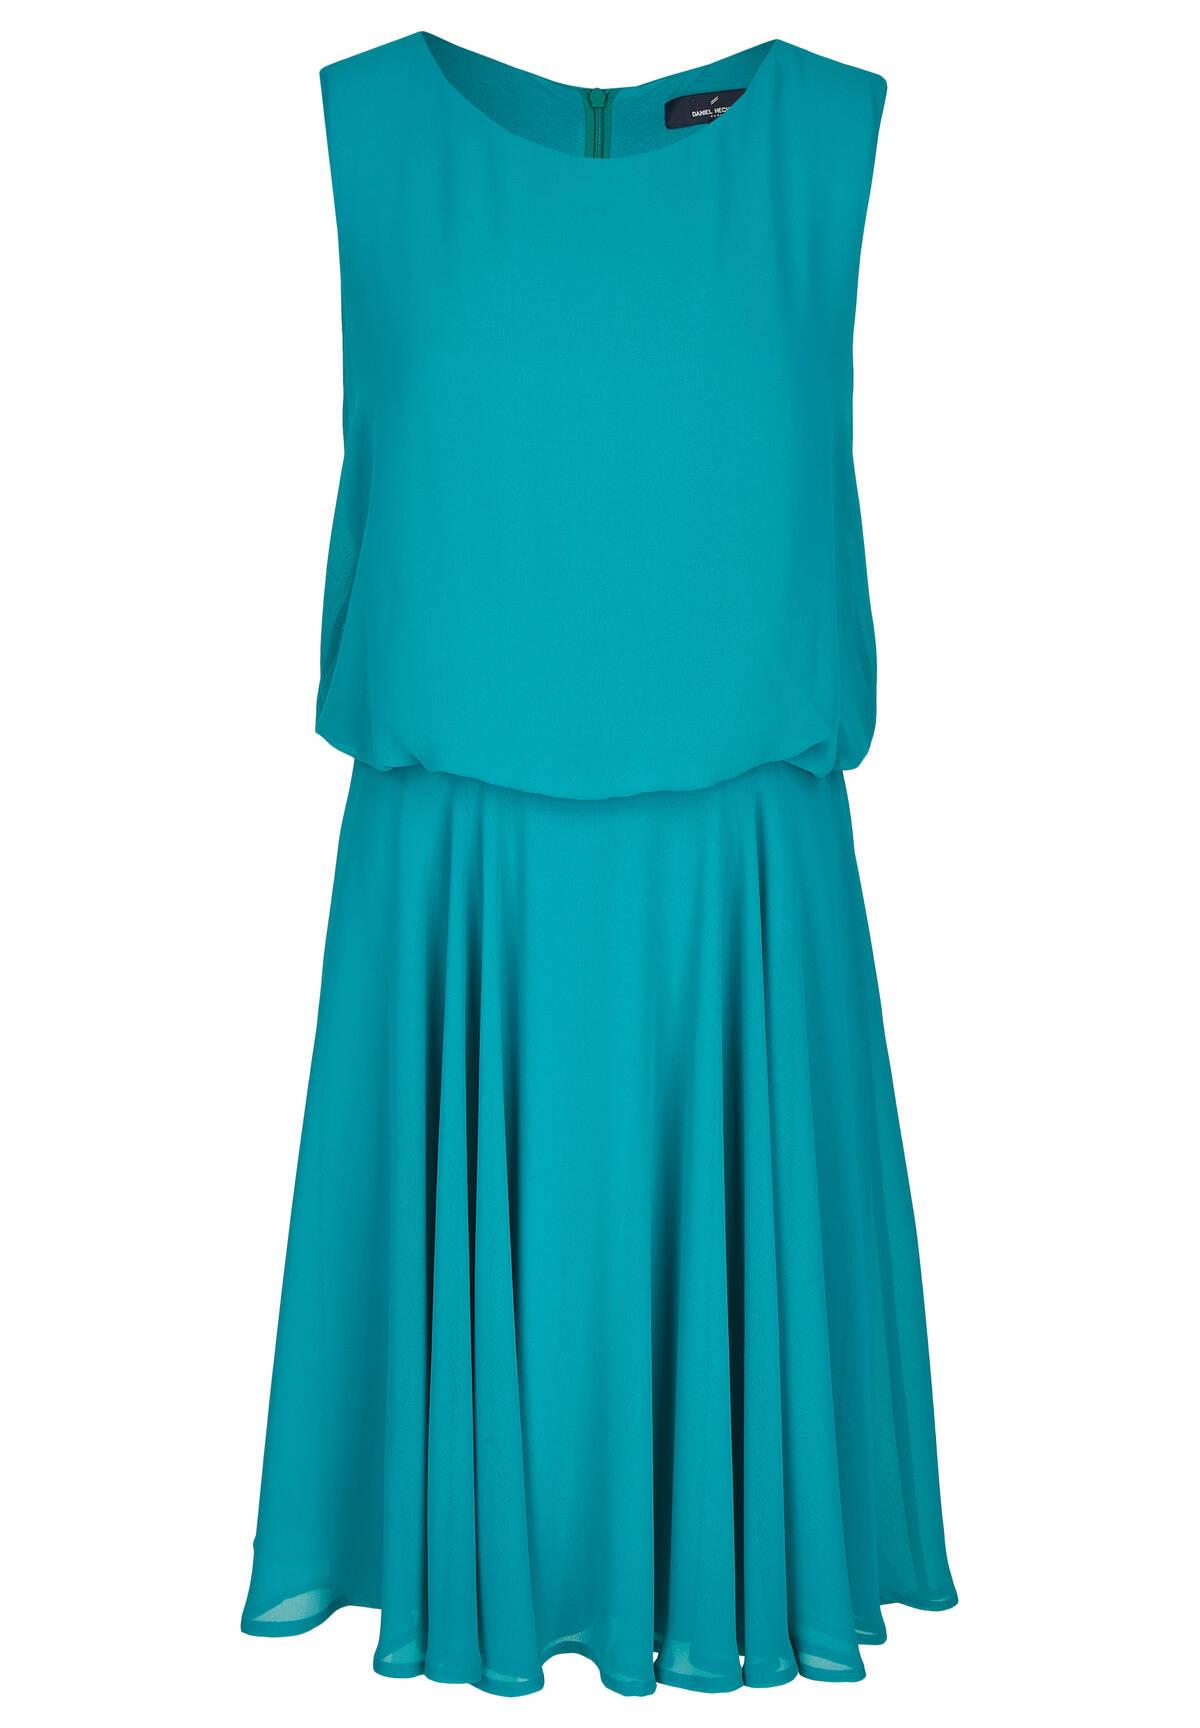 Fließendes Kleid im festlichen Design / Dress